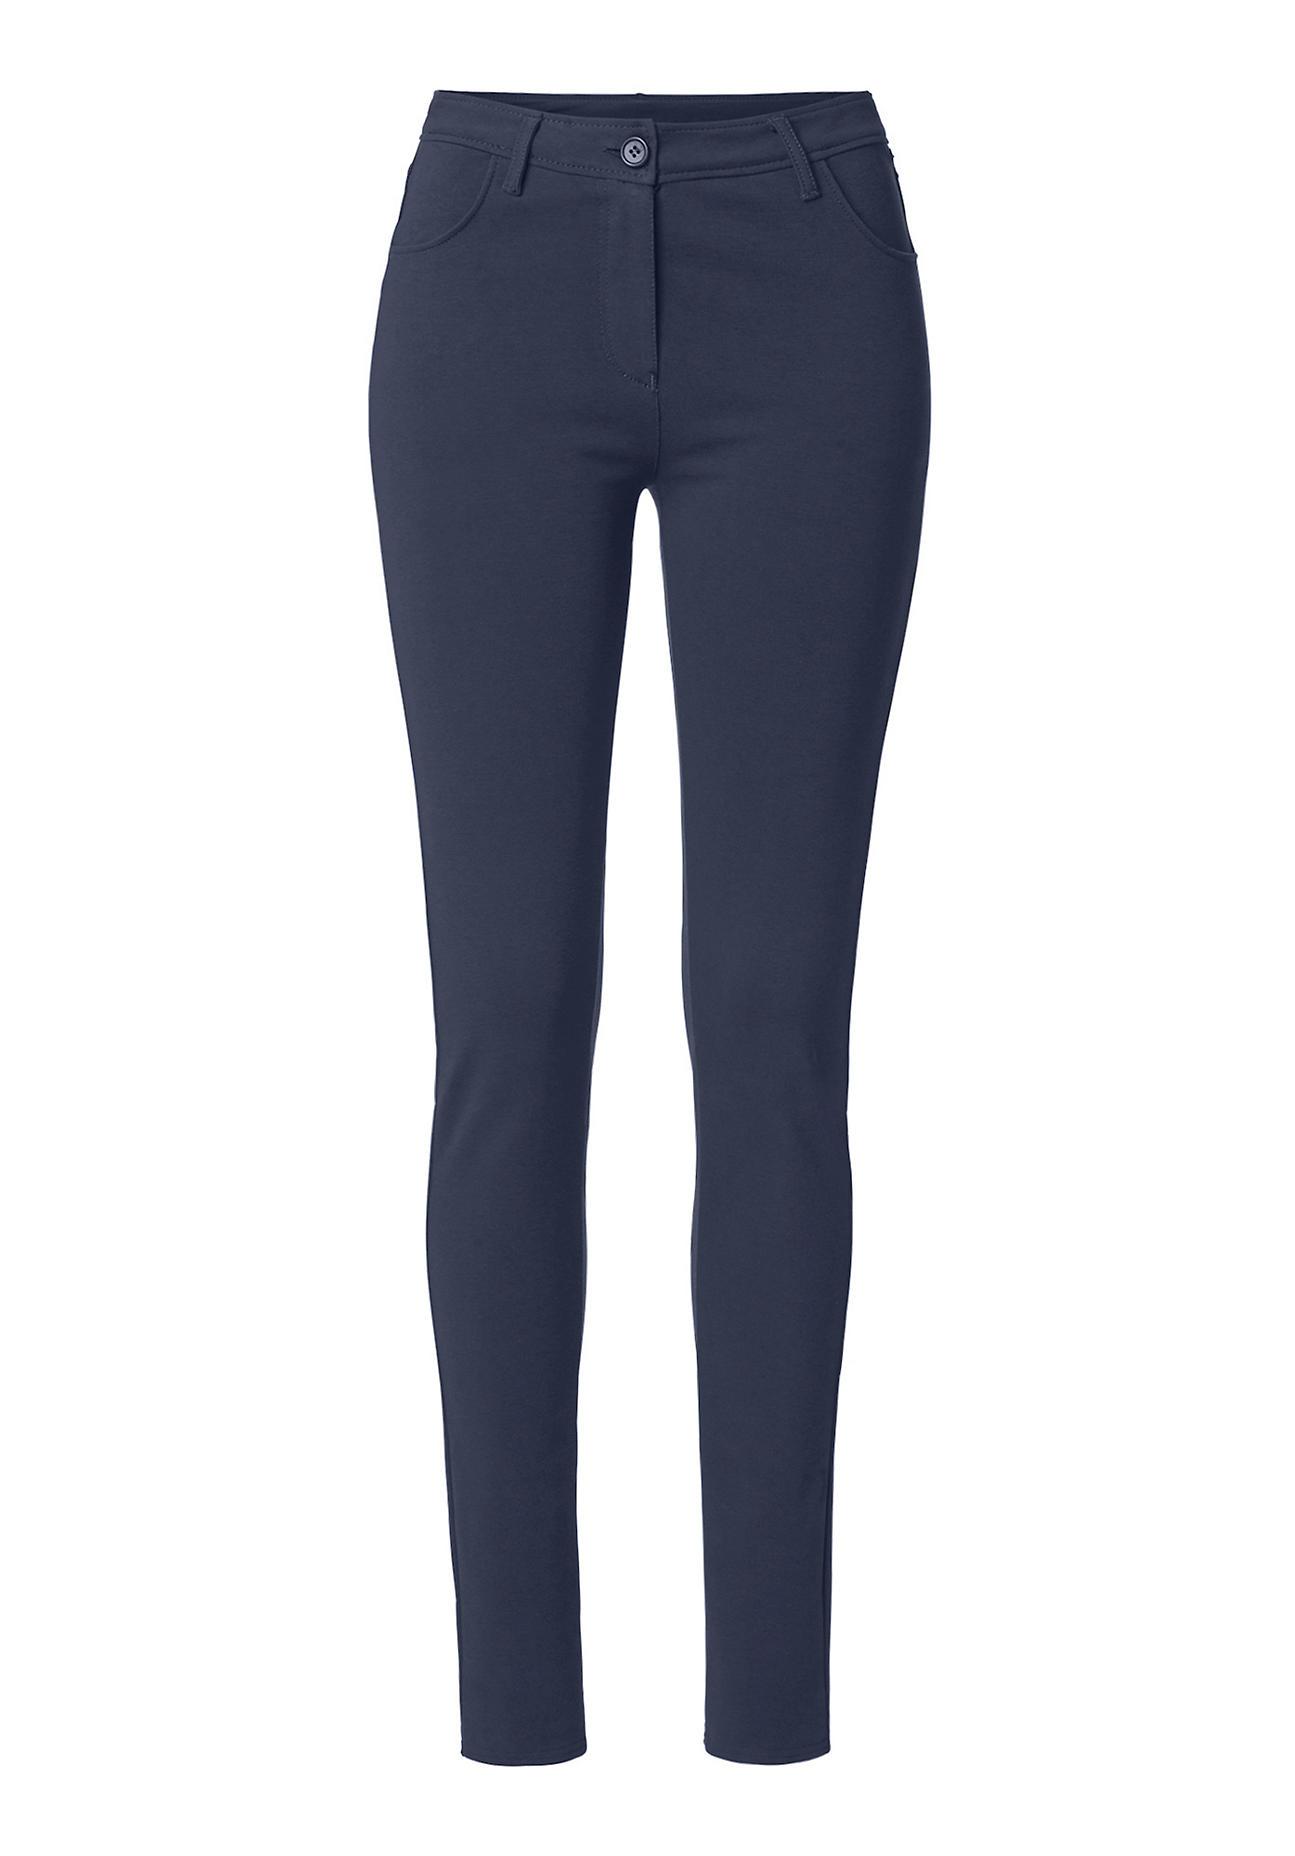 hessnatur Damen Stretch Hose aus Bio Baumwolle – blau – Größe 38